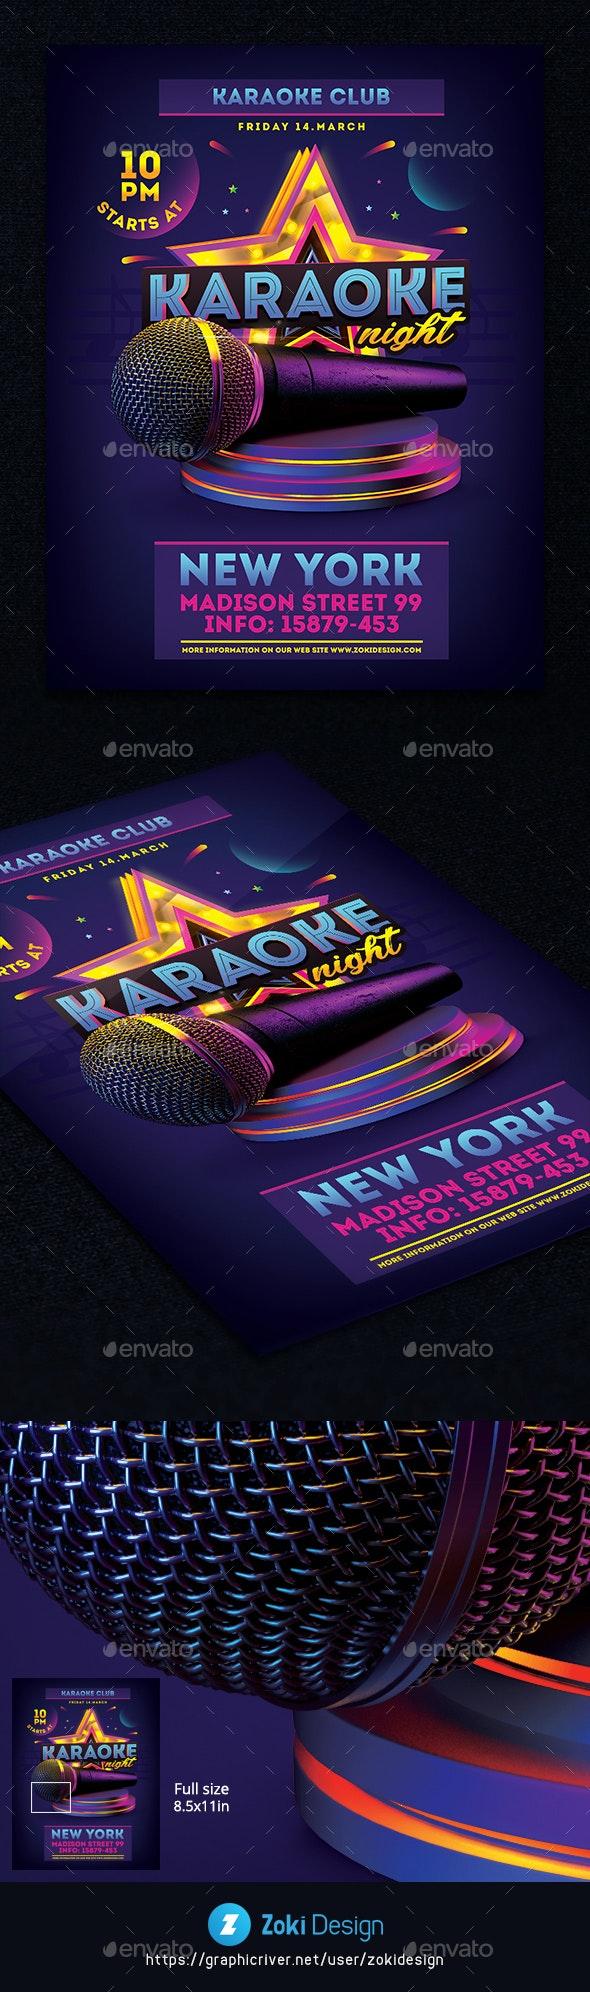 Karaoke Party Flyer - Events Flyers